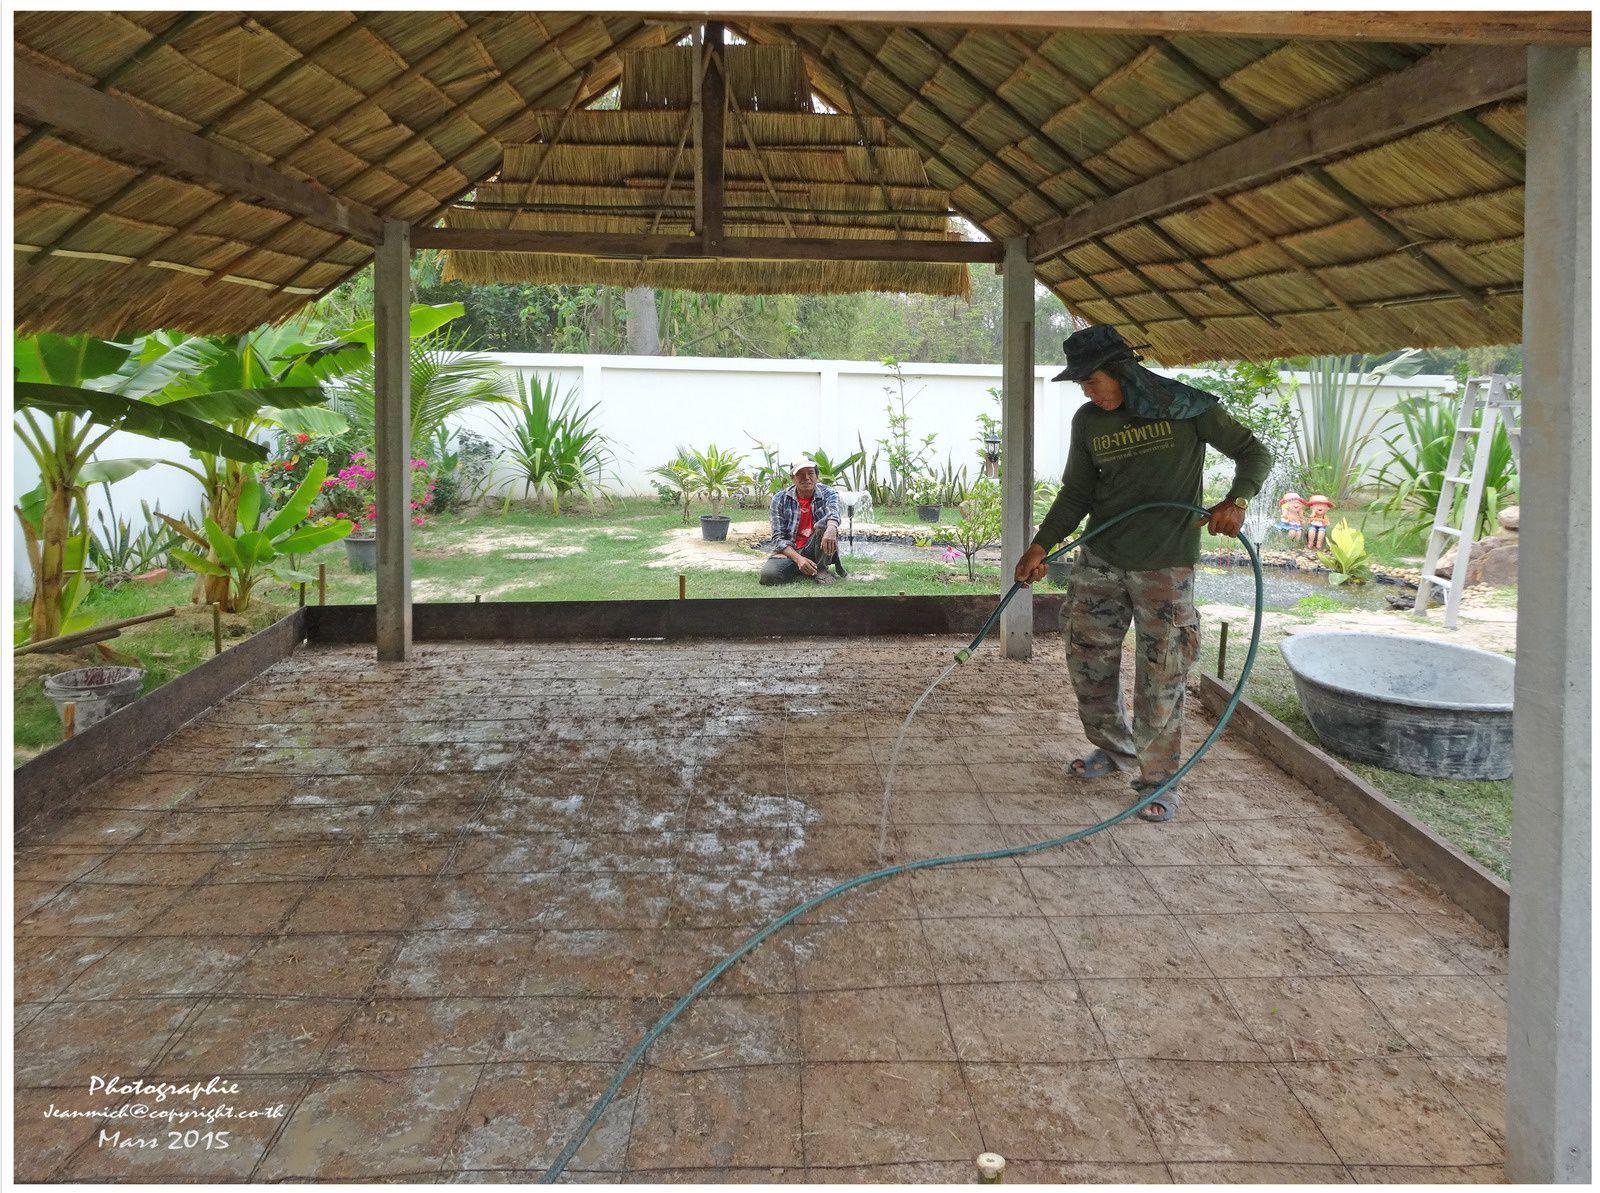 Construction d'un abri de jardin (sala en Thaï), la suite des travaux